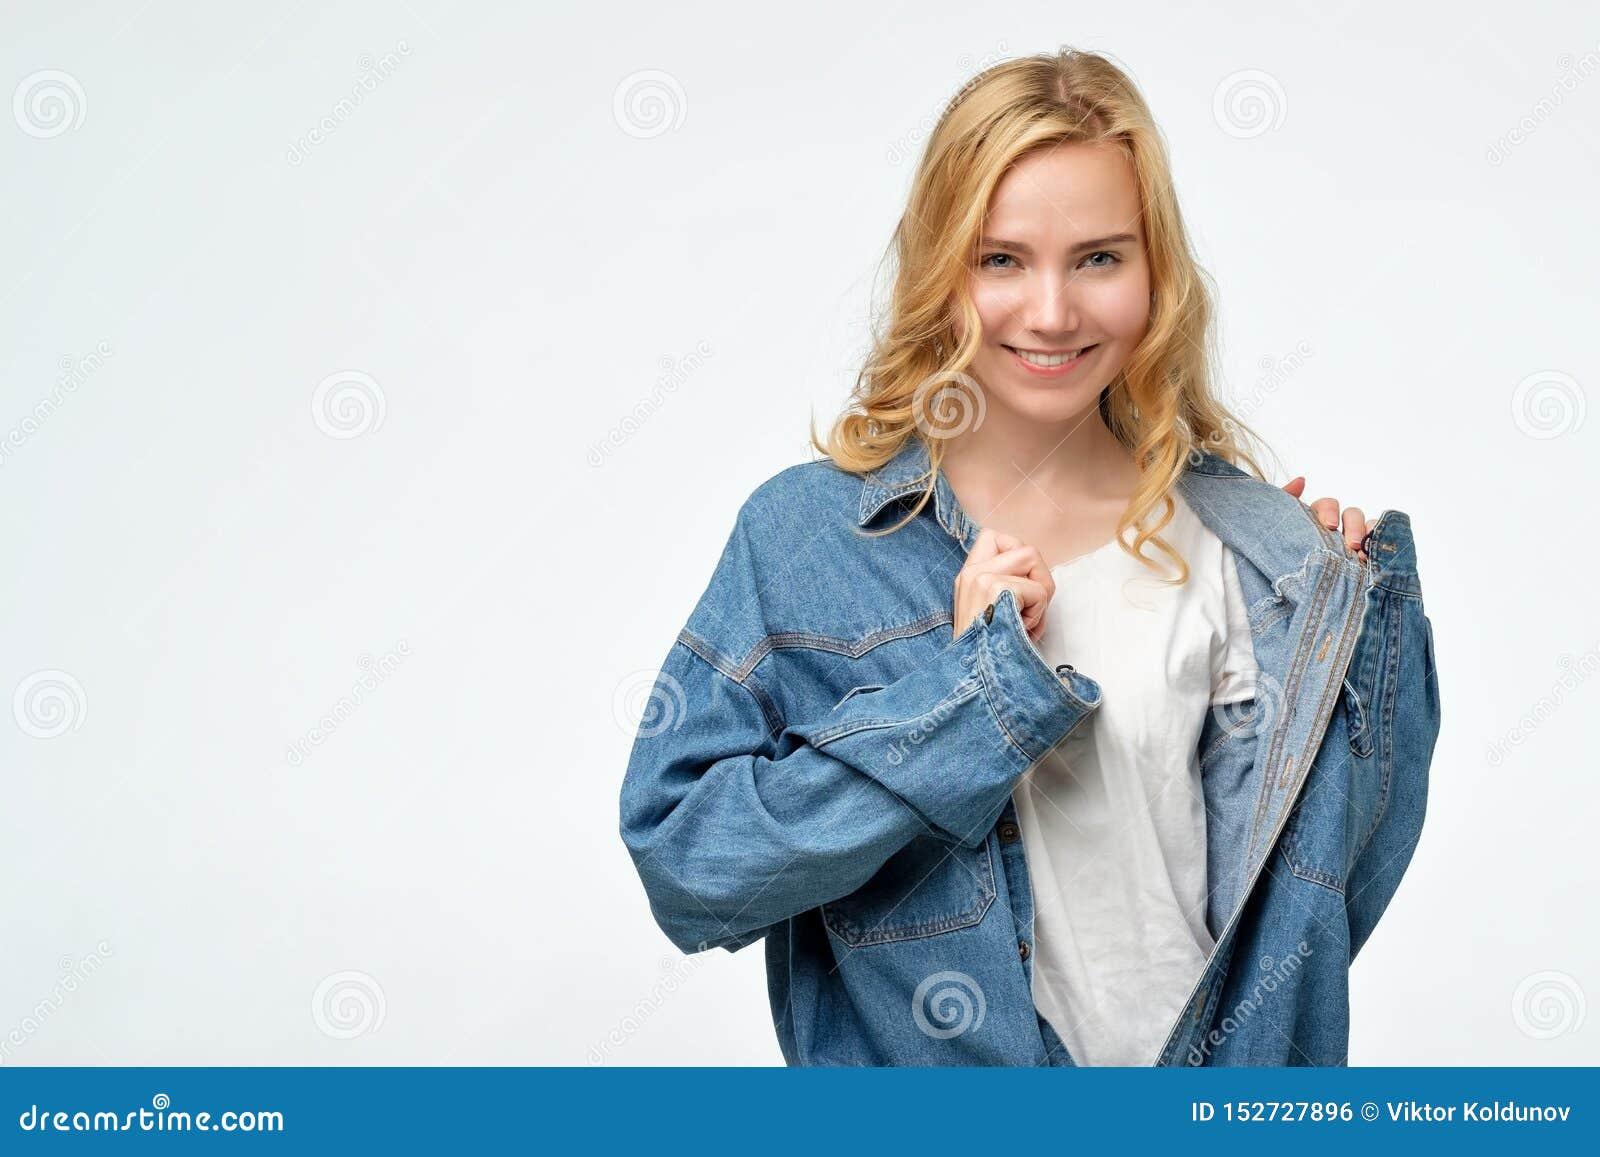 Fille blonde caucasienne effrontée positive dans la veste de jeans souriant à la caméra